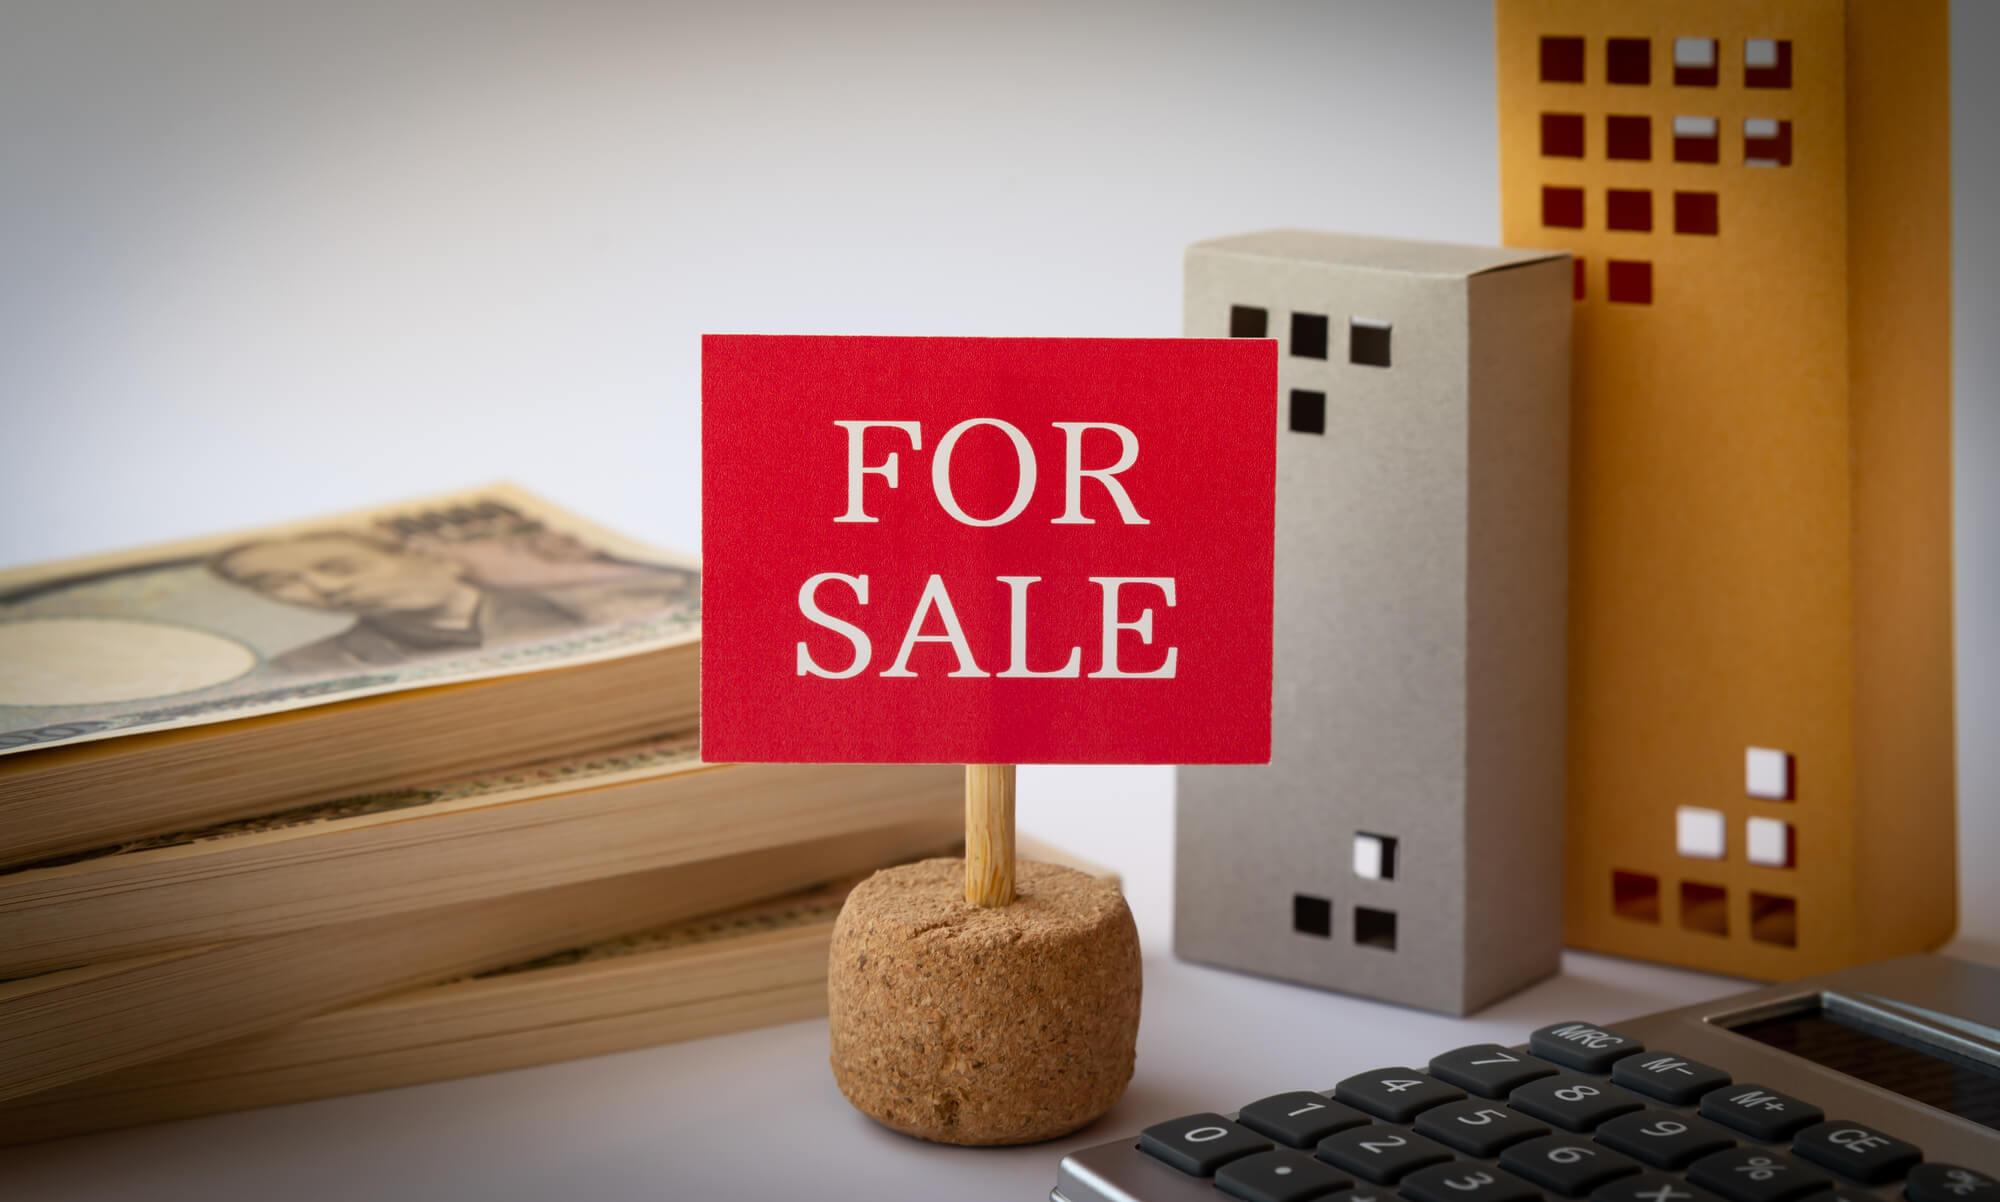 西向きのマンションは売れない!? 売りにくい物件を売却する方法はあるのか?